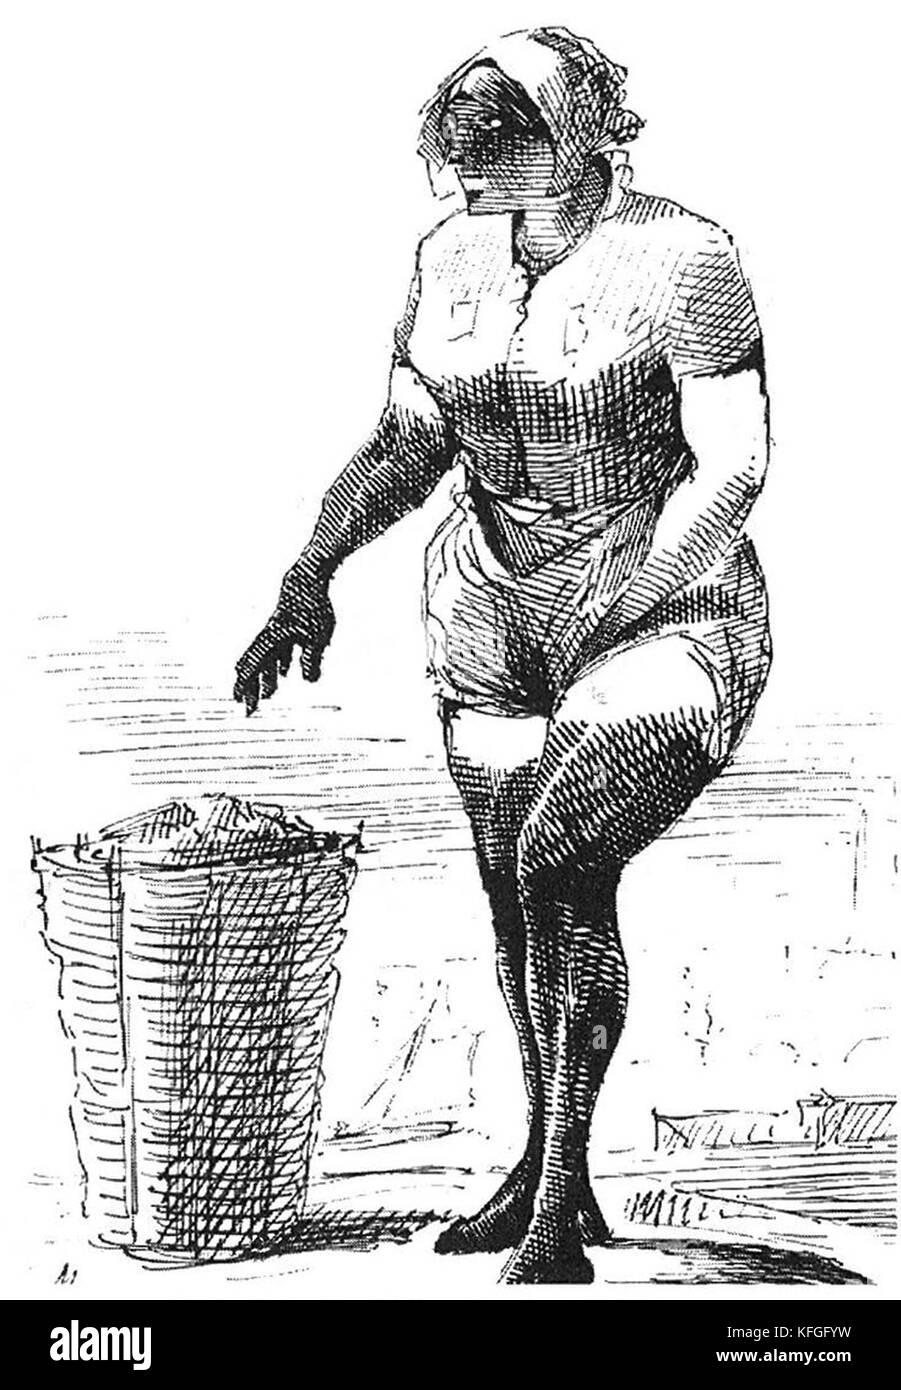 Mudlark, qualcuno che purifica nel fiume fango per gli oggetti di valore, un termine usato soprattutto per descrivere Immagini Stock